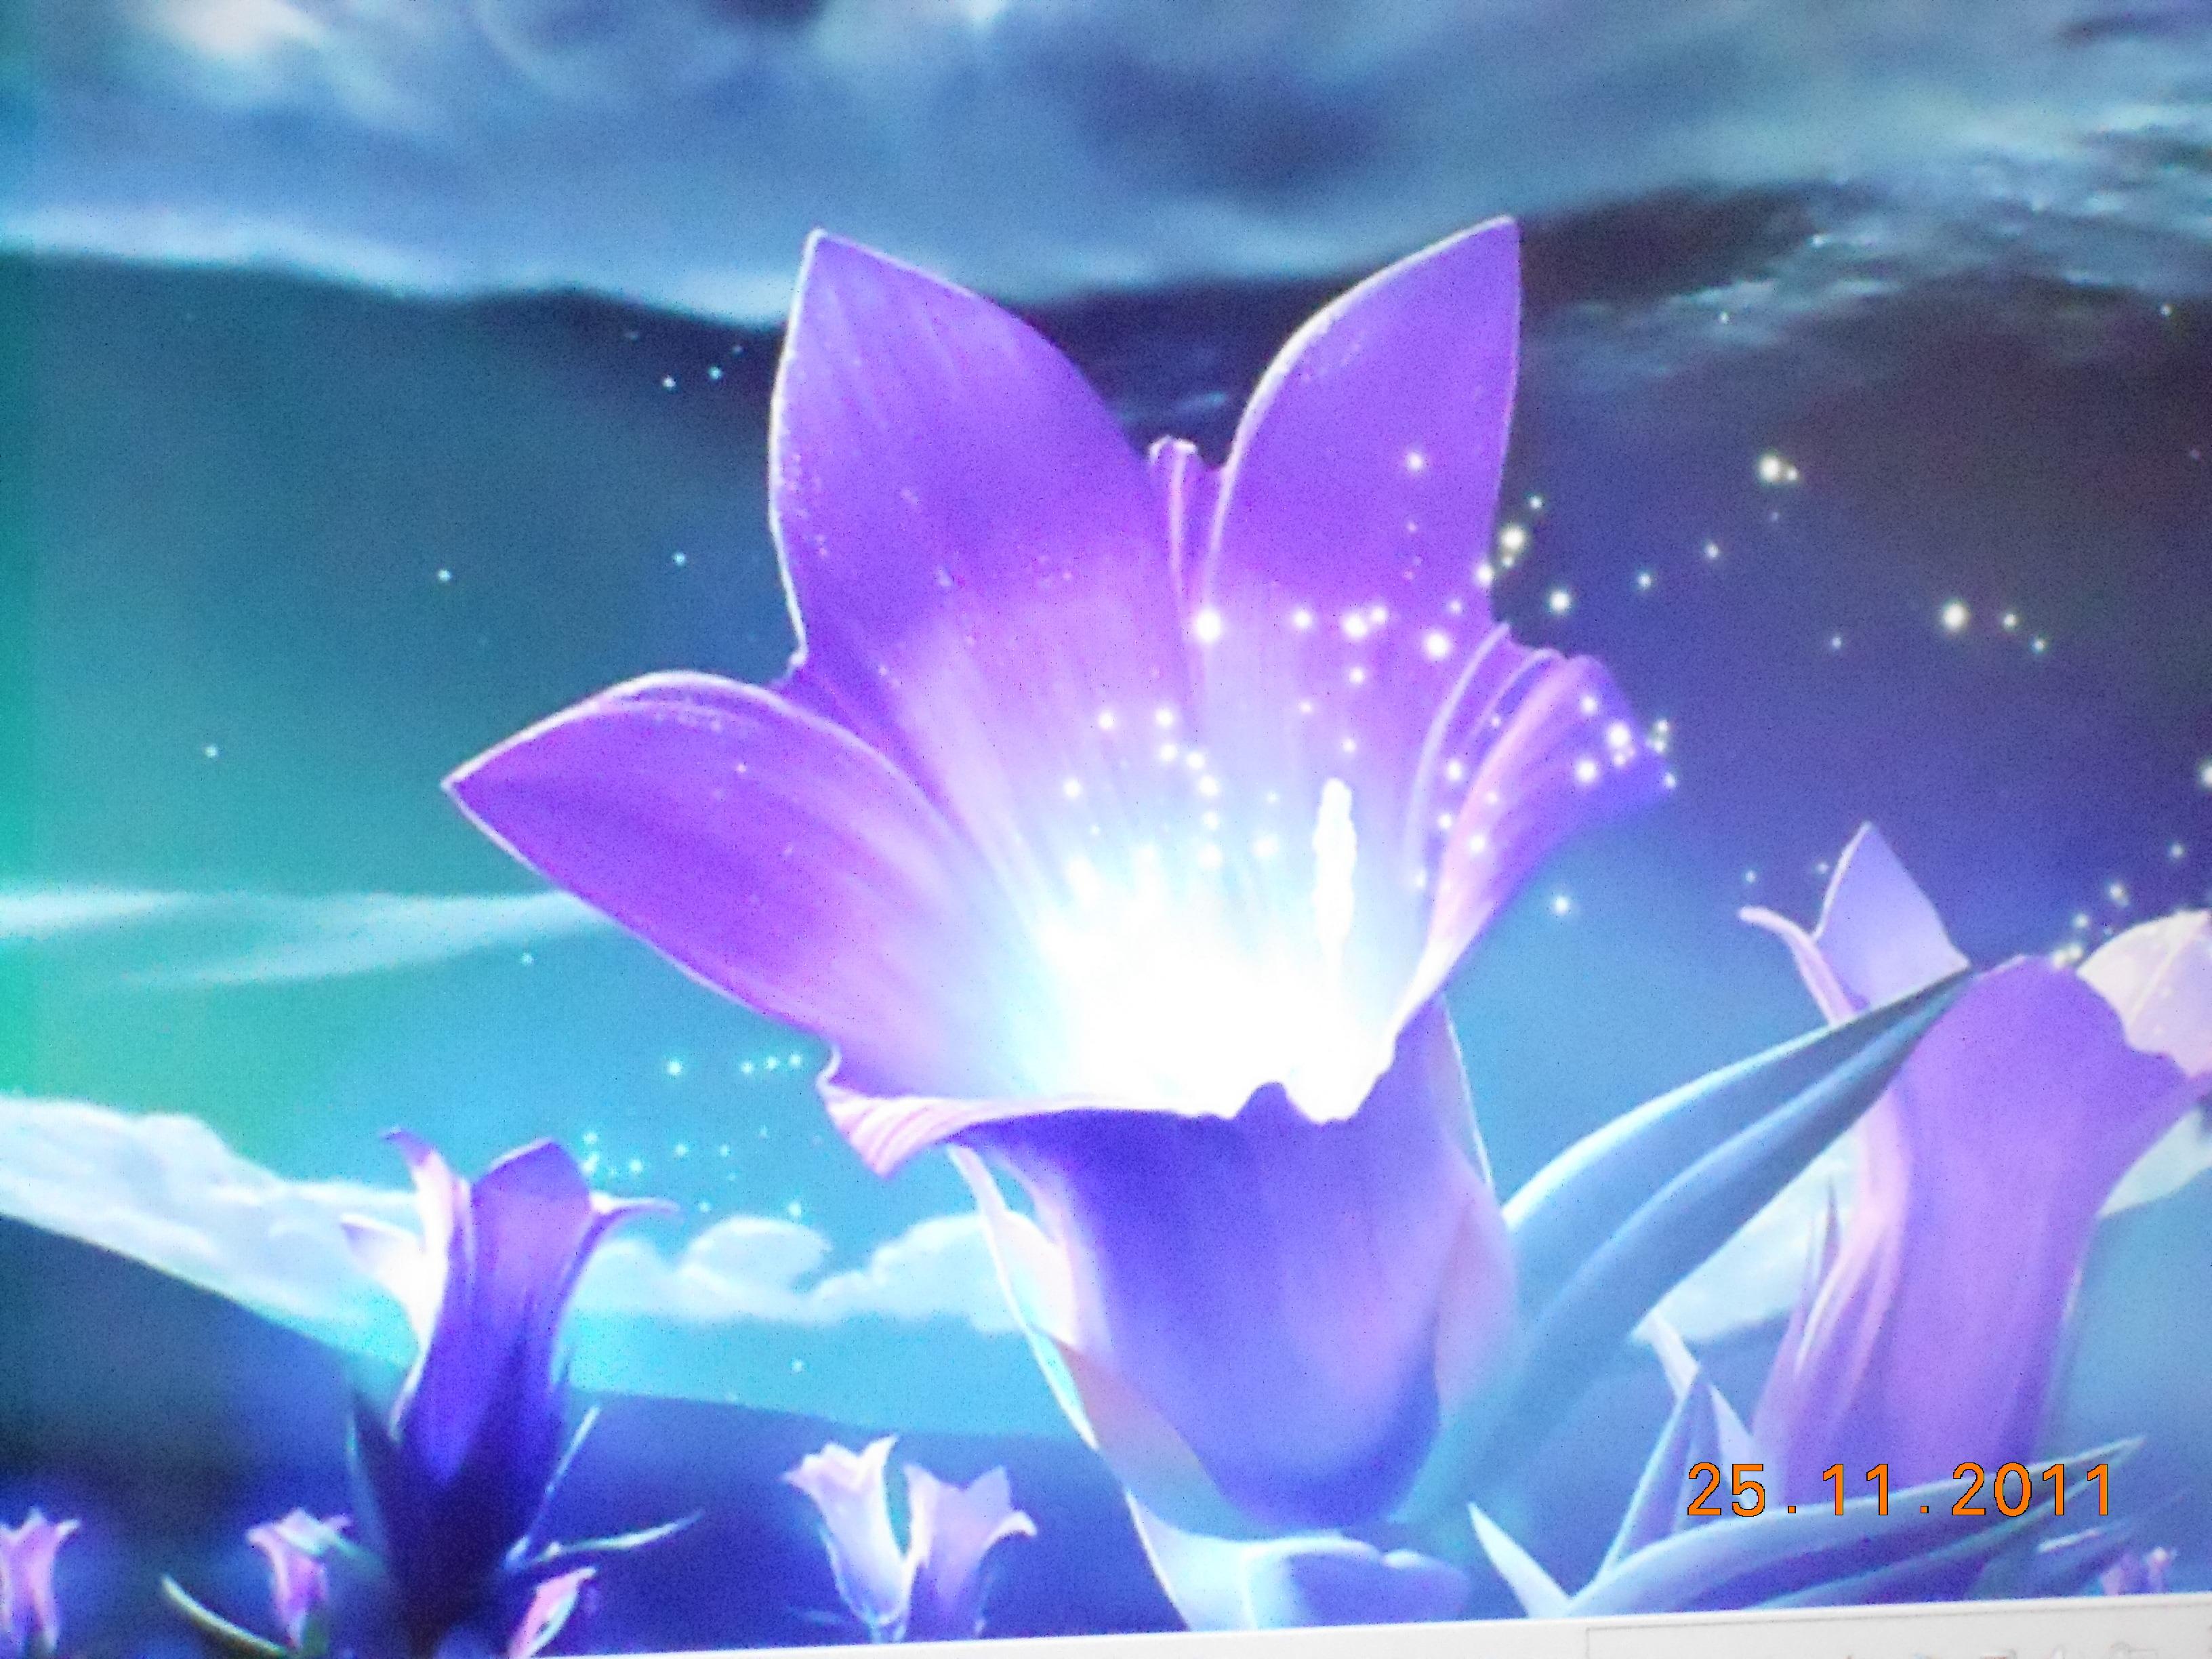 Jpeg flower images jpg freeuse stock flower.jpeg jpg freeuse stock